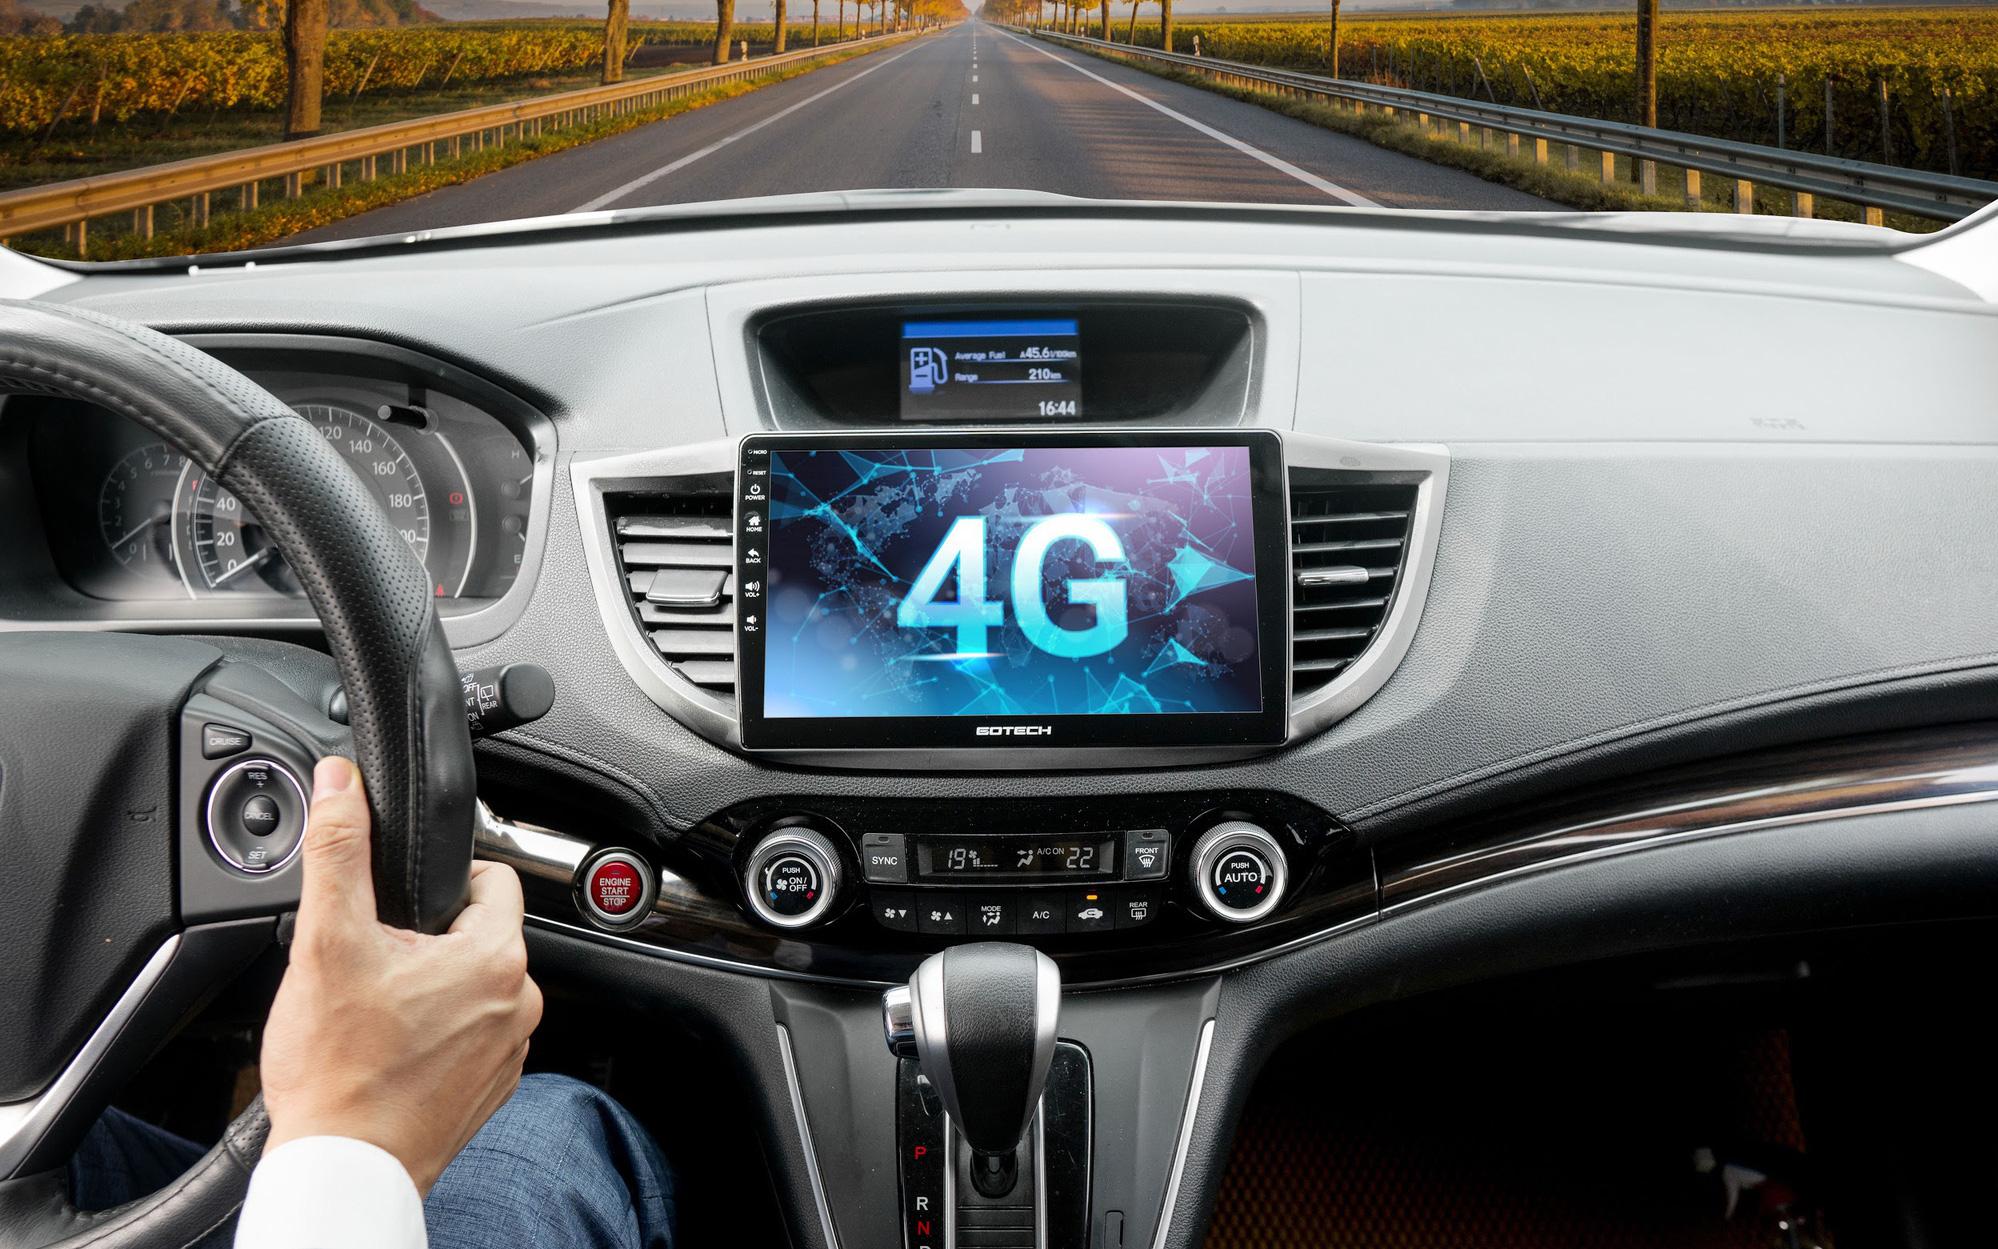 GOTECH ra mắt loạt màn hình ôtô điều khiển bằng giọng nói, giải trí vô hạn bằng 4G cho dân 'độ xe'